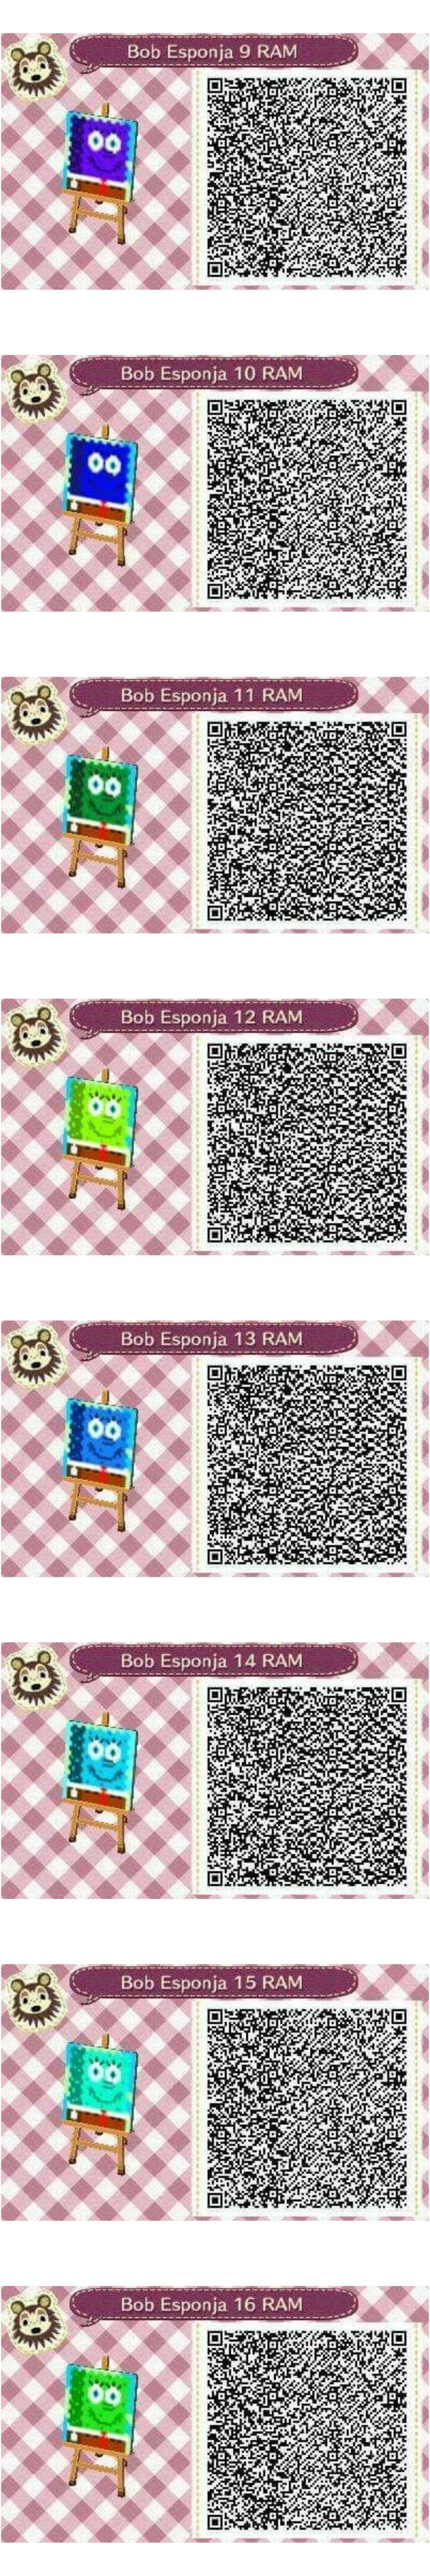 Este es un QR Code para Animal Crossing creado por mí misma. Como podéis observar es un camino